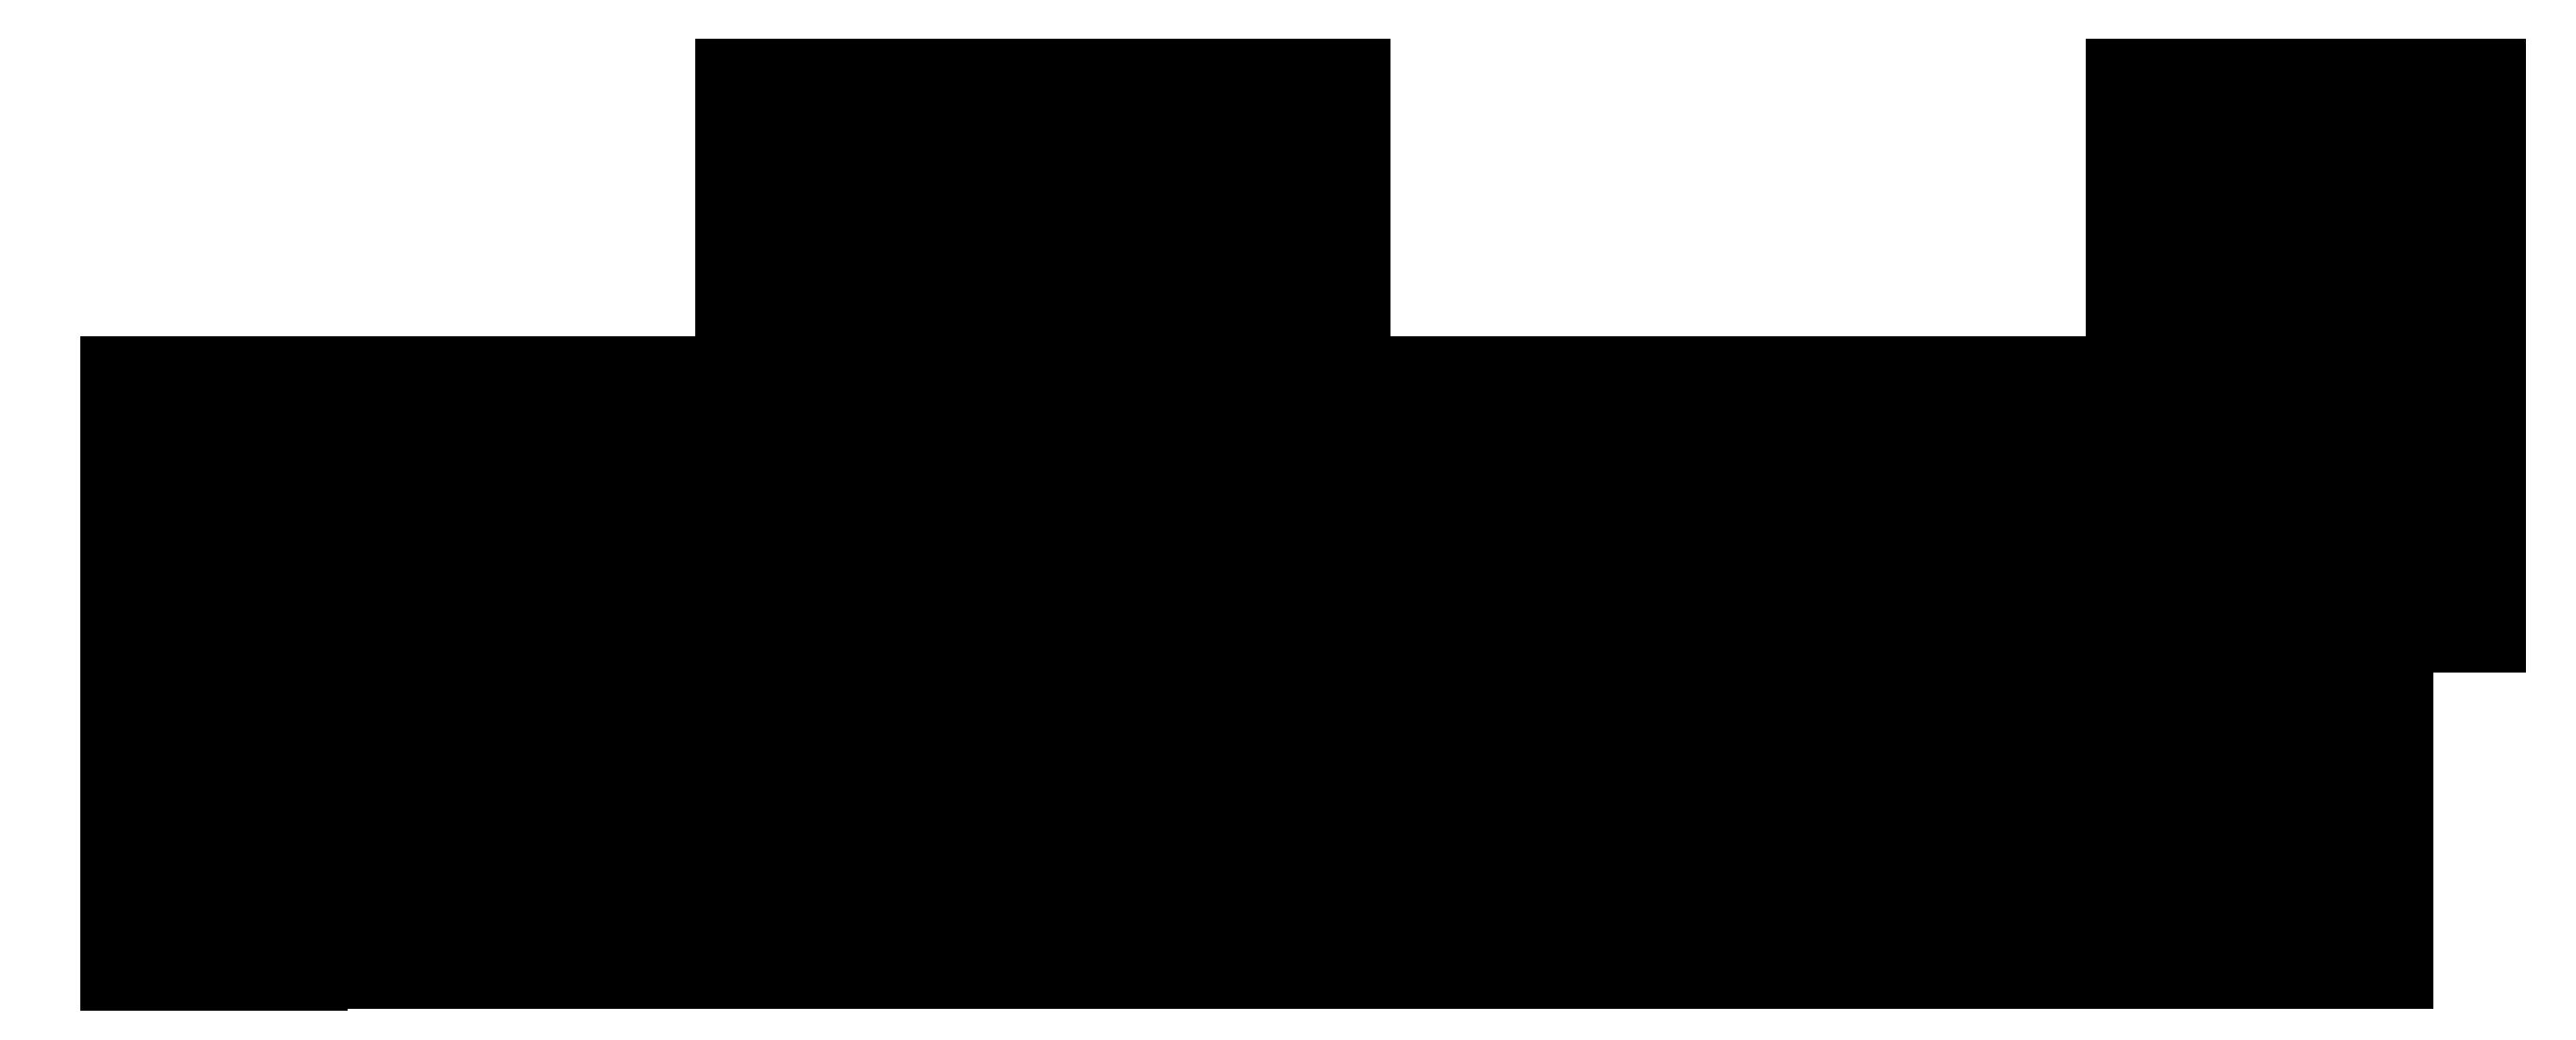 Limaris Valdivieso Signature